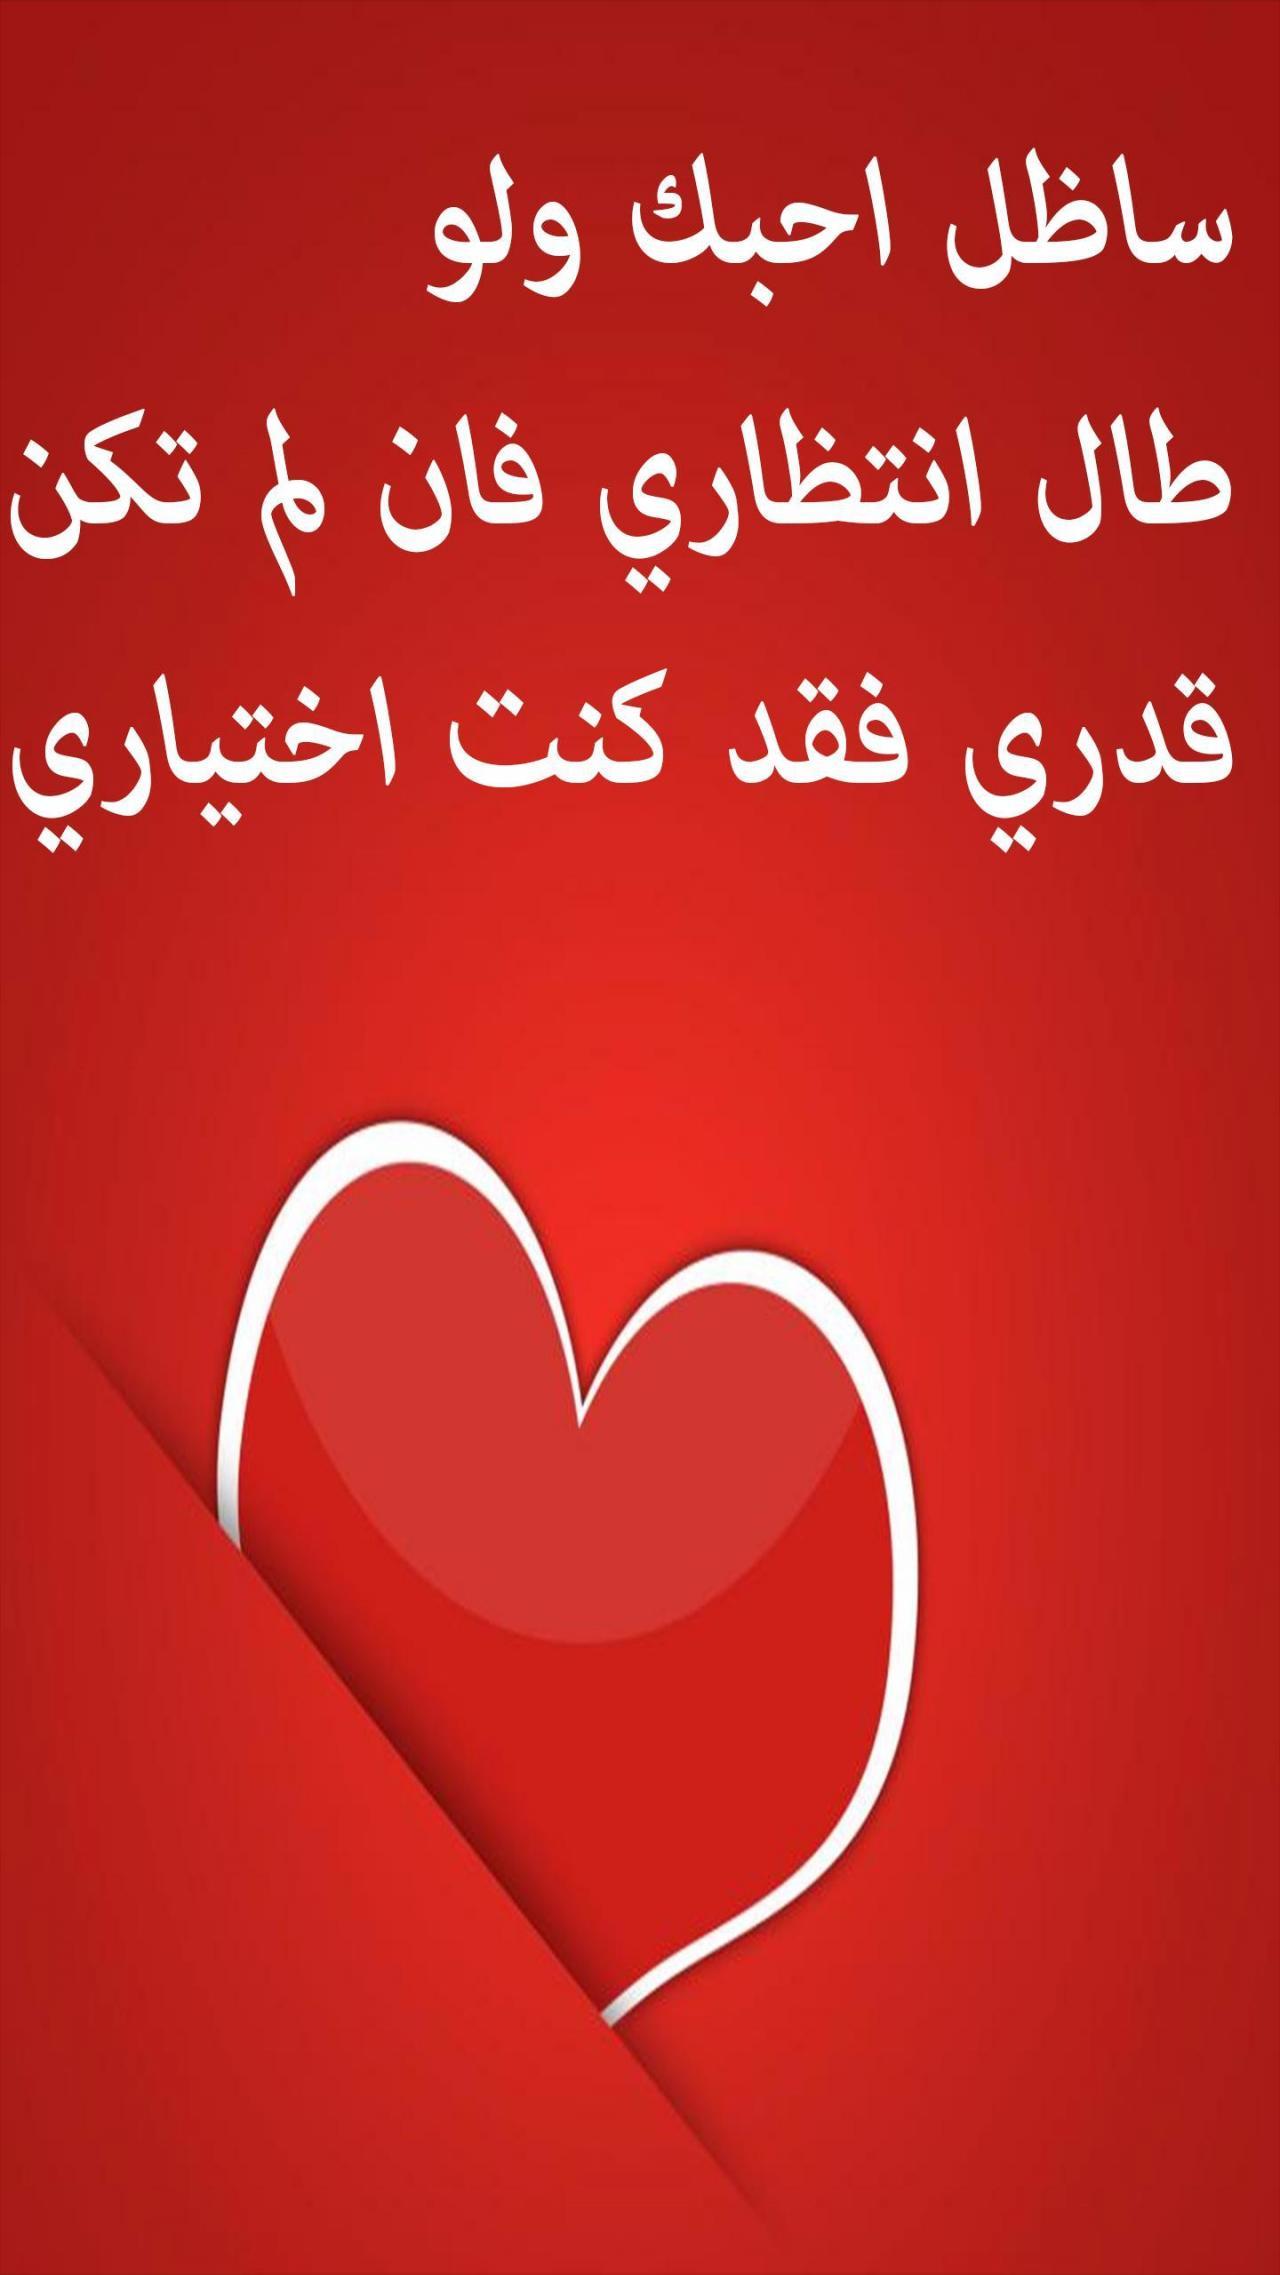 صورة رسائل شوق للحبيب, حب وشوق ولوع وغرام ورمانسية في ان واحد